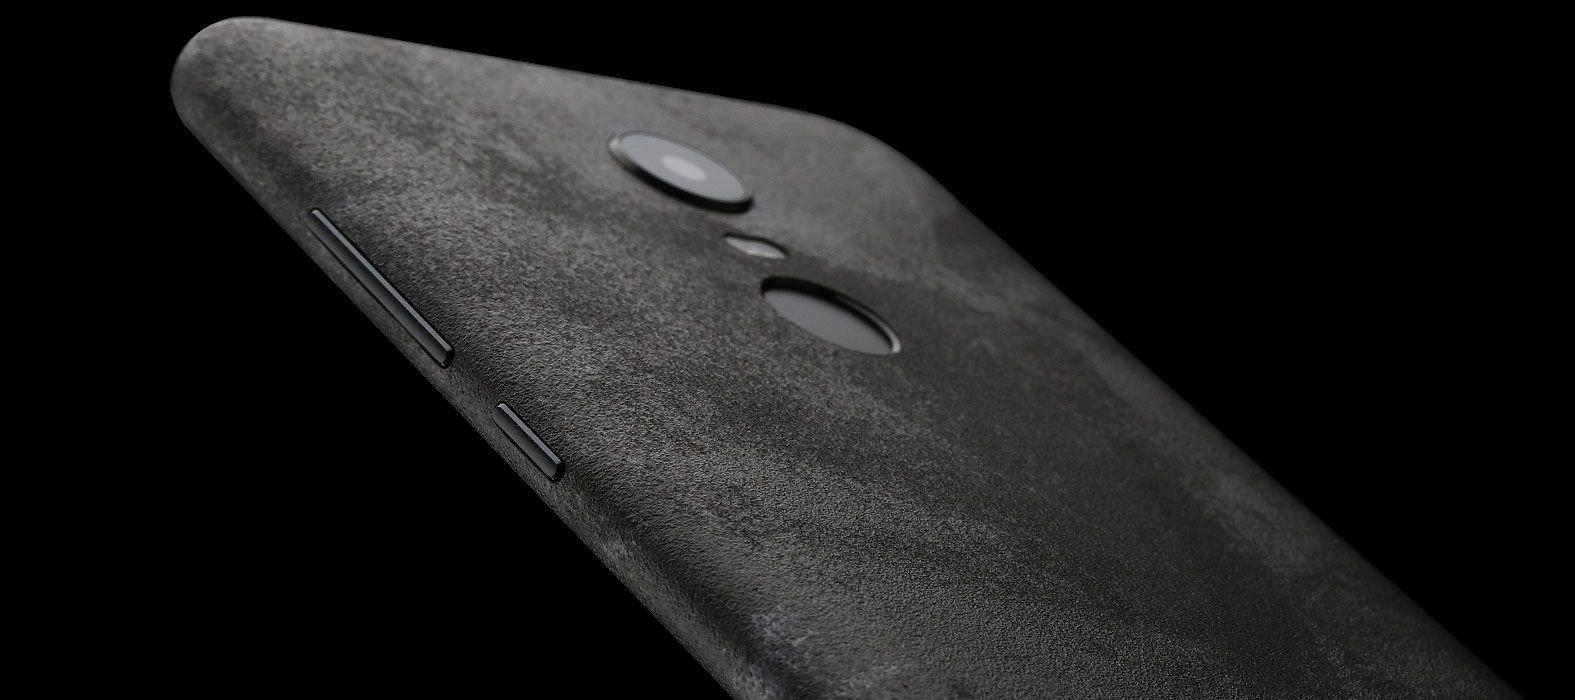 Xiaomi Redmi Note 5 Skins